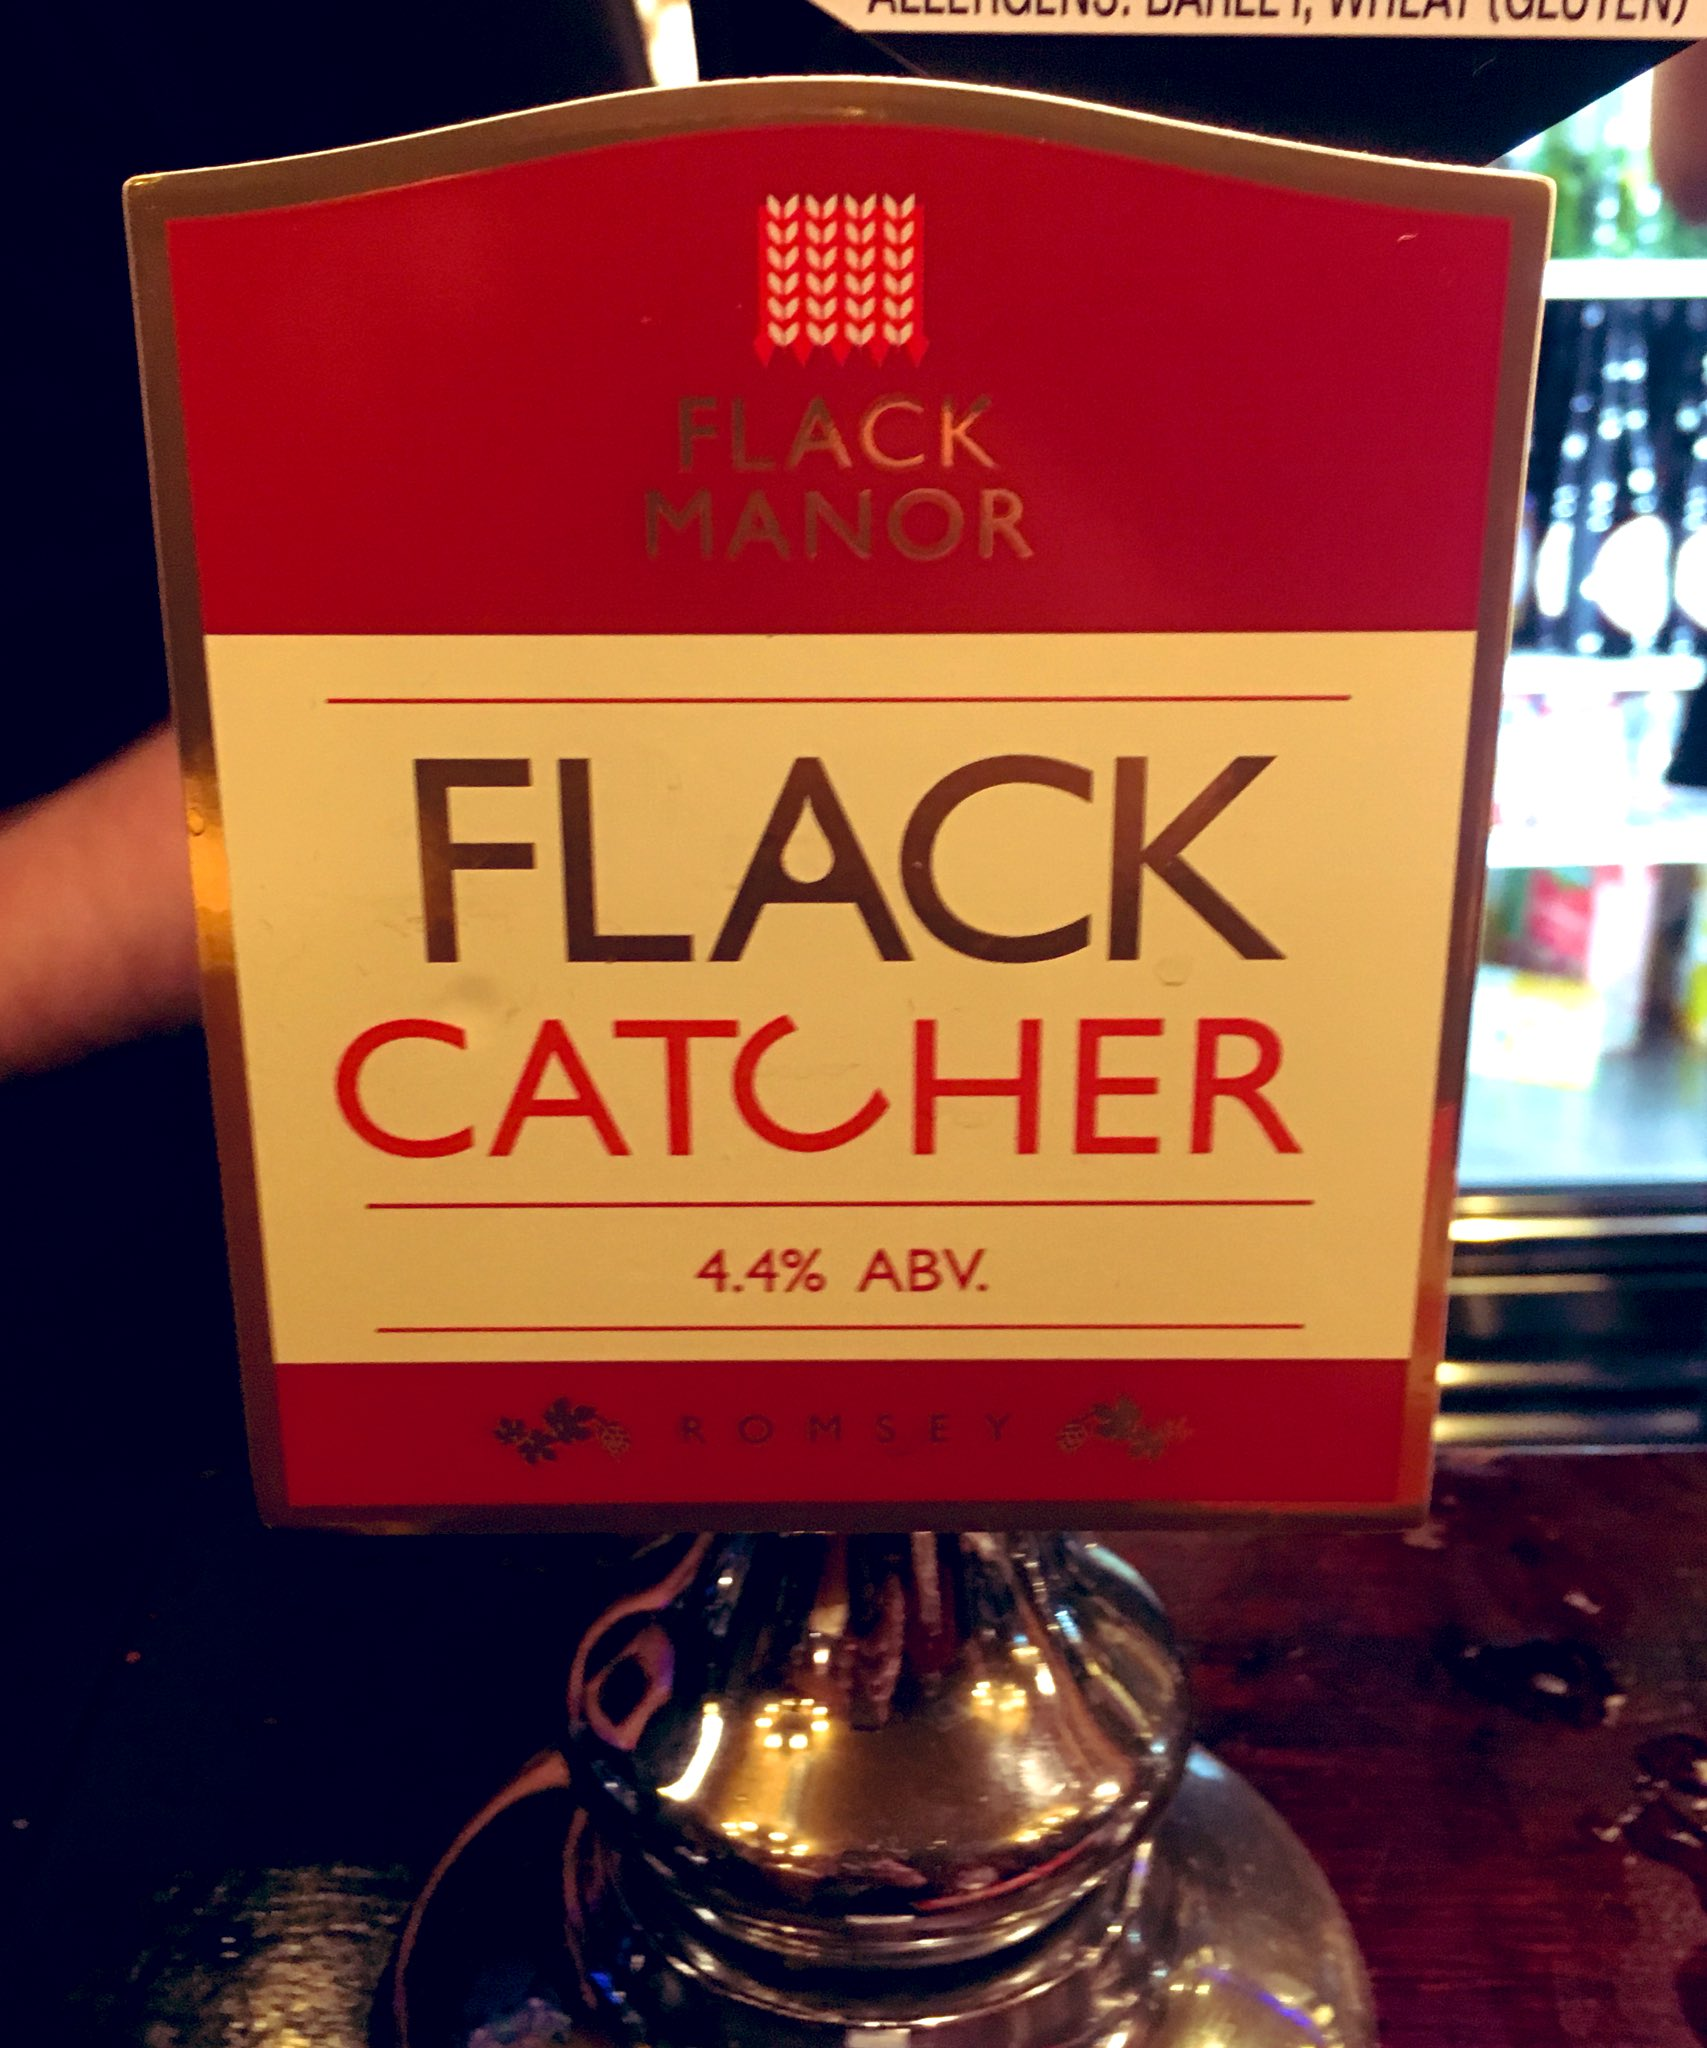 80: Flack Catcher